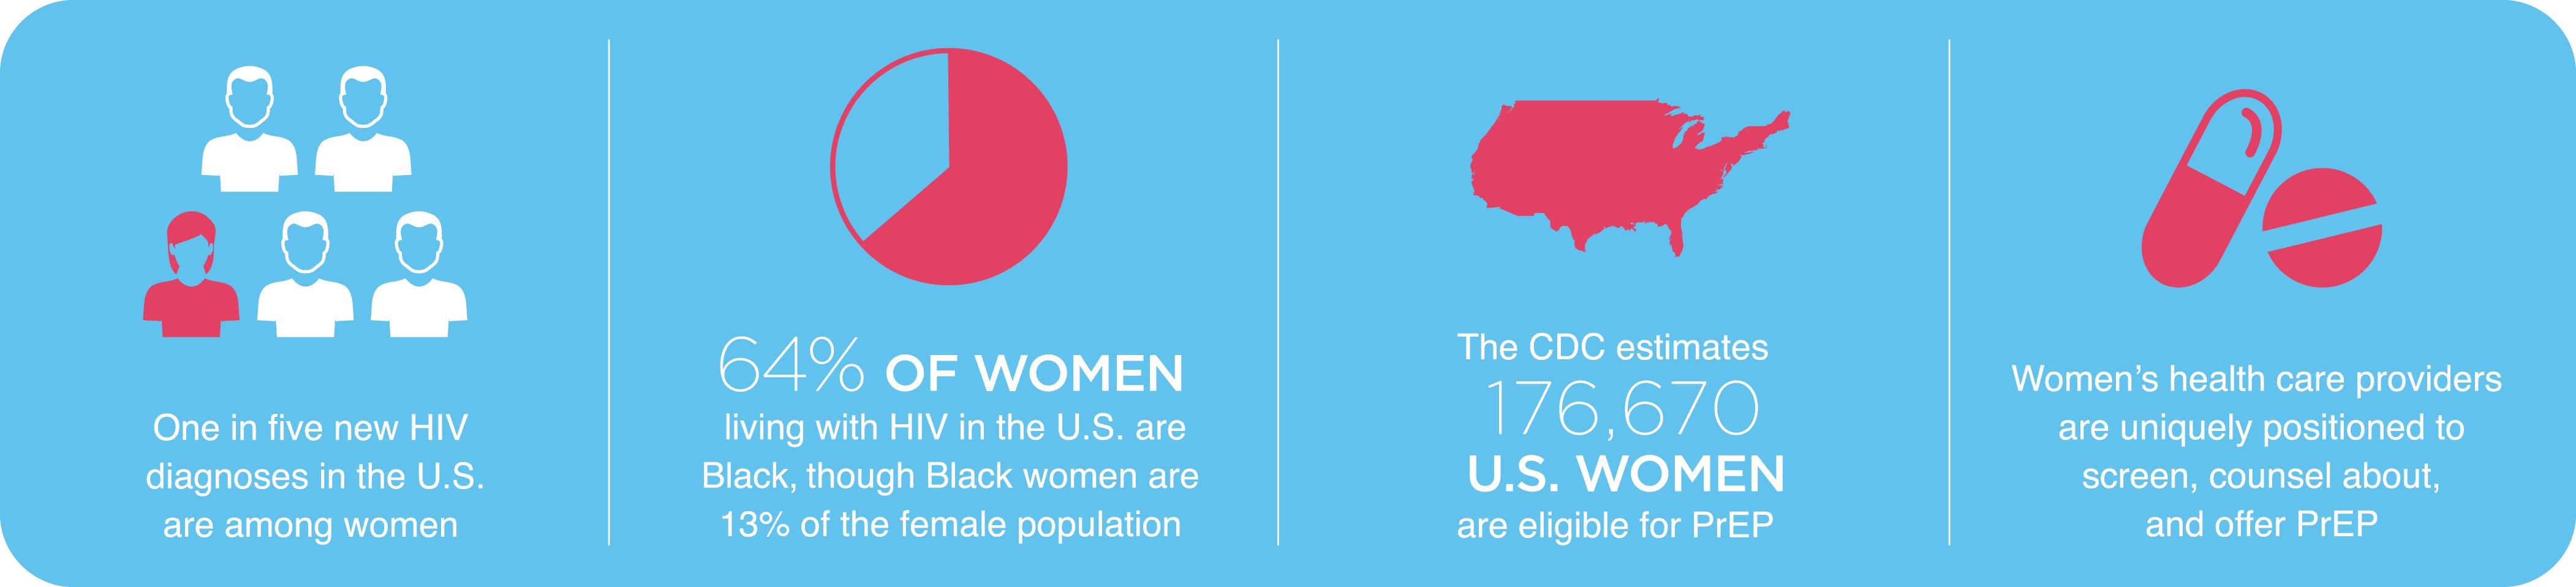 Addressing Disparities in PrEP Uptake among Women